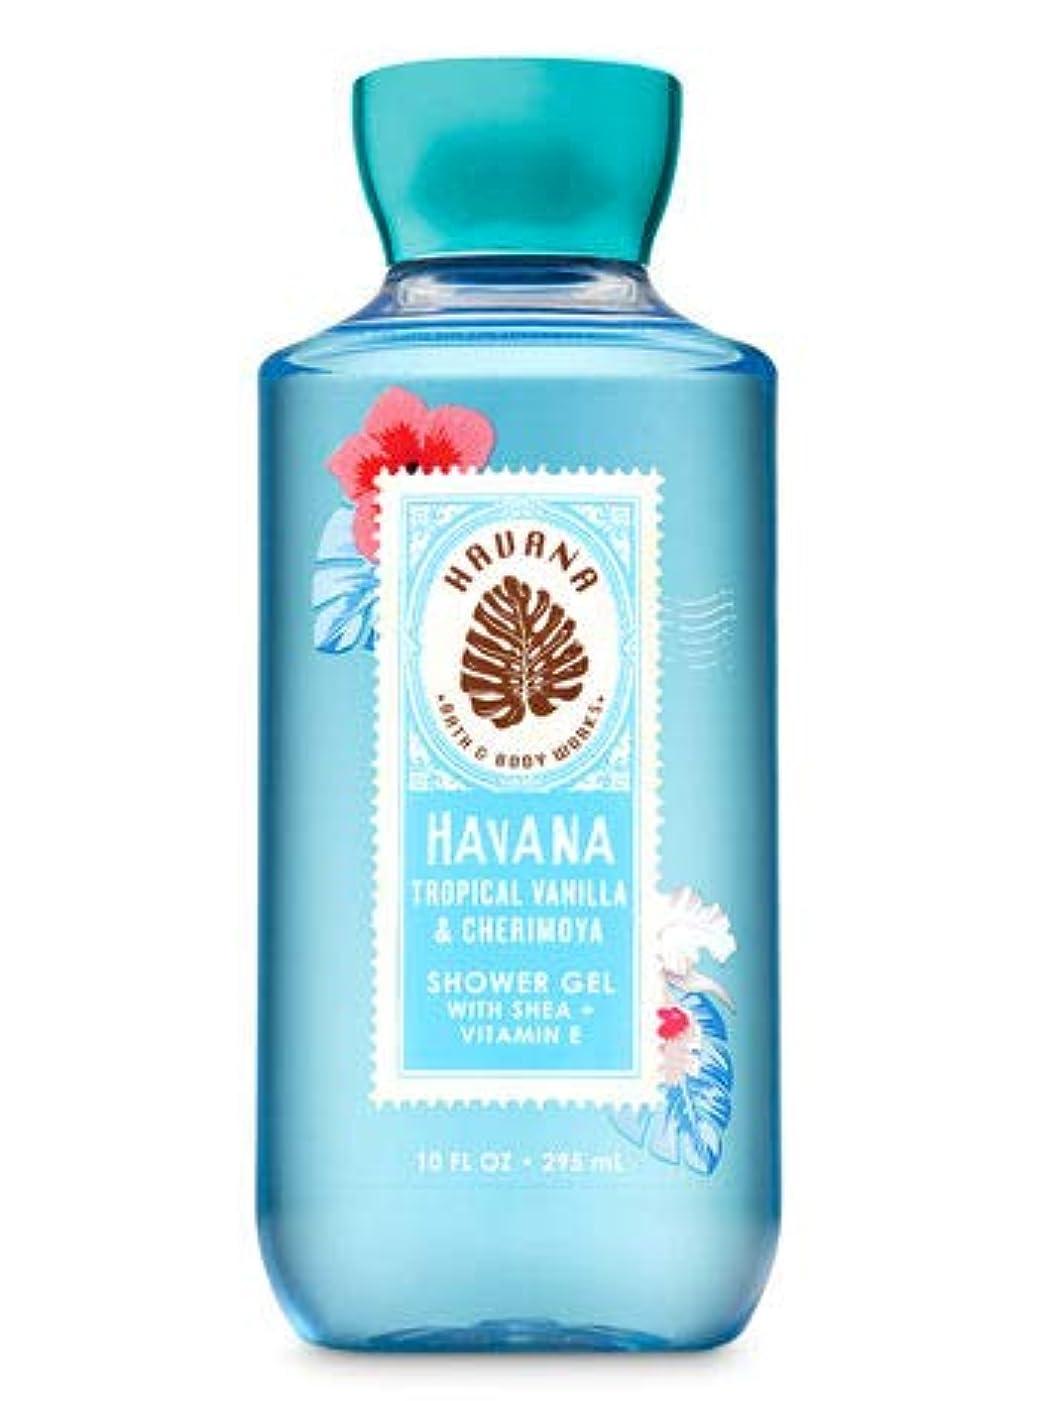 キャプテン修正アルプス【Bath&Body Works/バス&ボディワークス】 シャワージェル ハバナ トロピカルバニラ&チェリモヤ Shower Gel Havana Tropical Vanilla & Cherimoya 10 fl oz / 295 mL [並行輸入品]